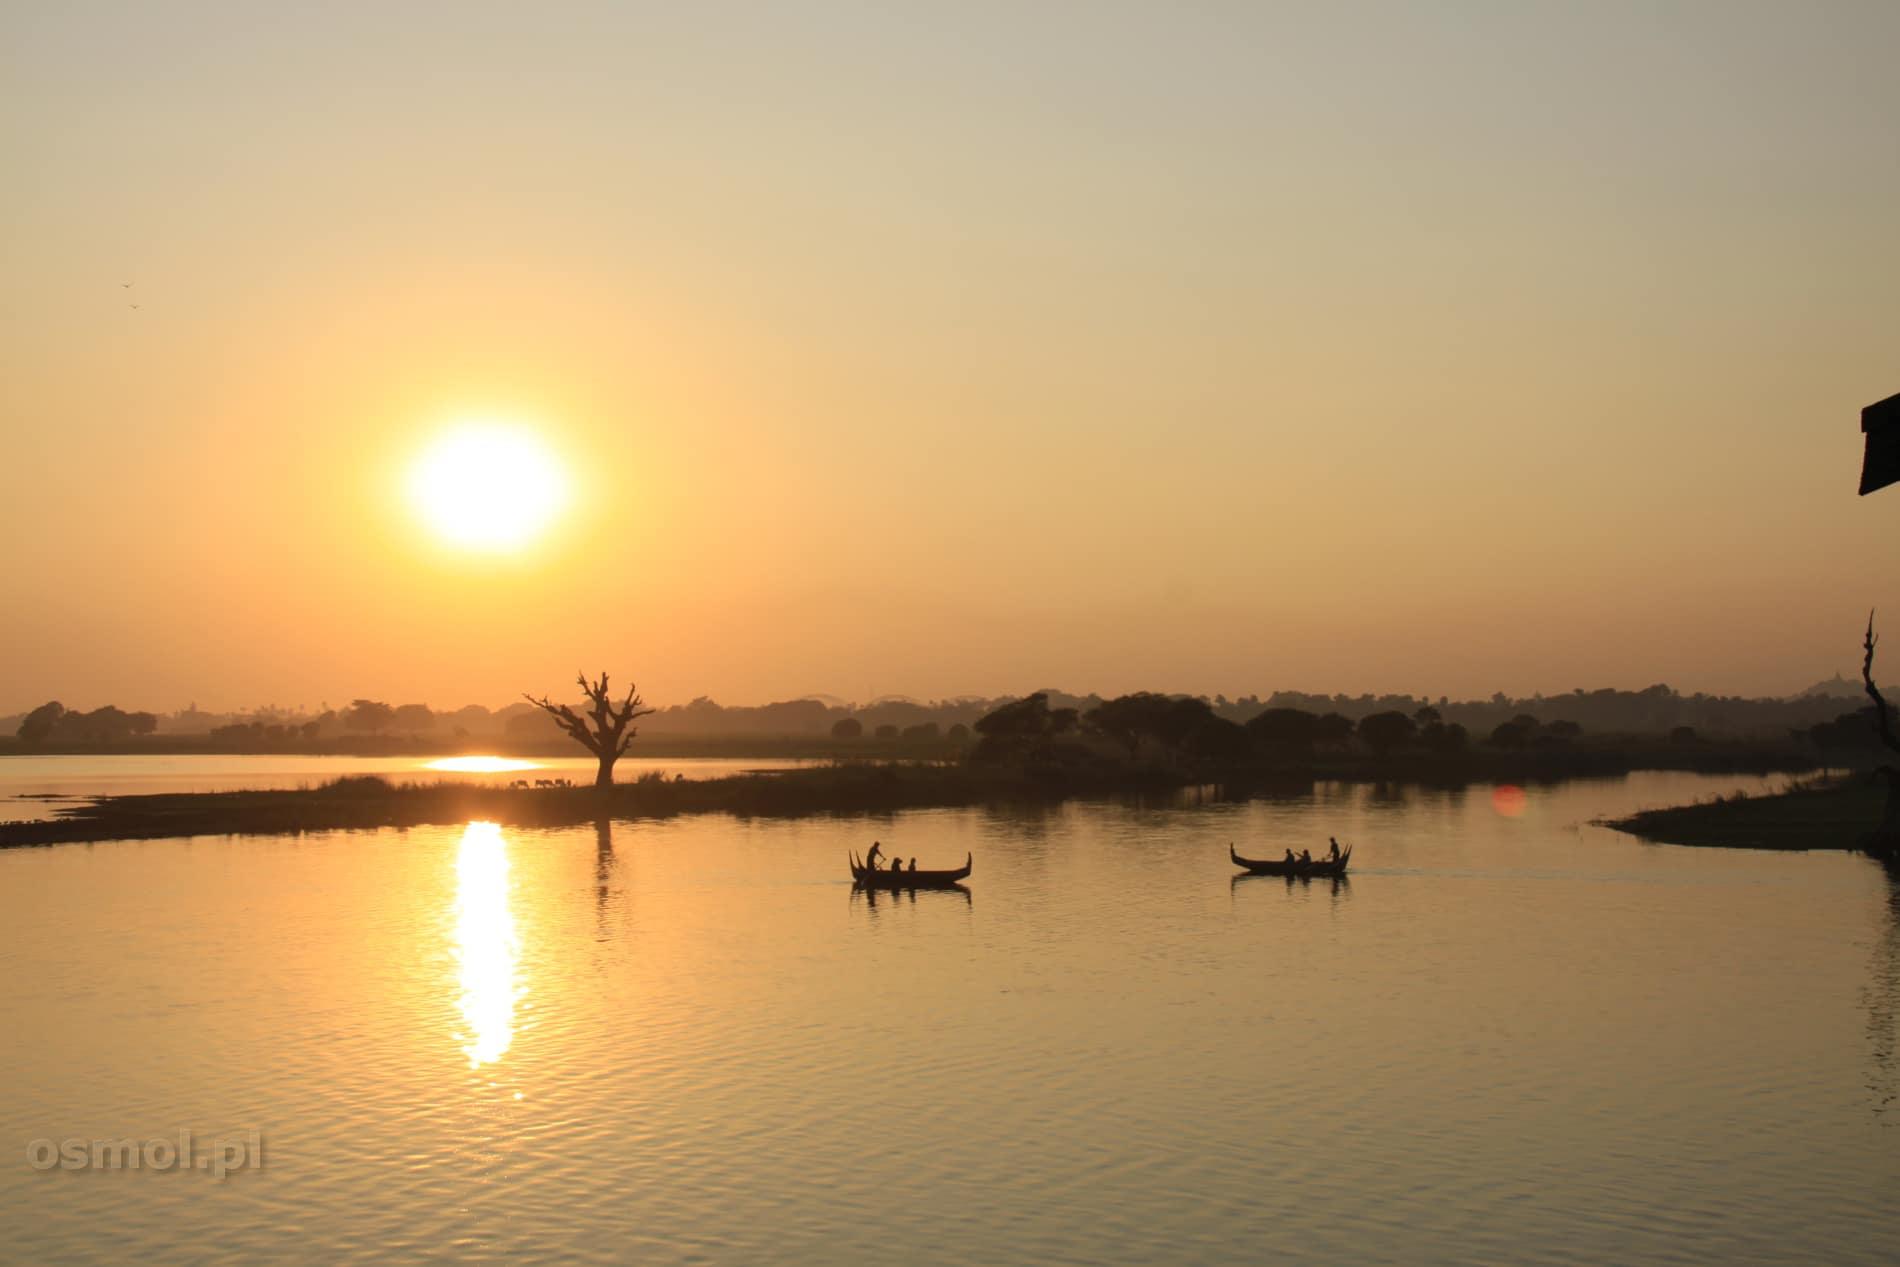 Zachód słońca nad jeziorem widziany z mostu... czy to nie idealna pora i klimat na oświadczyny? :)